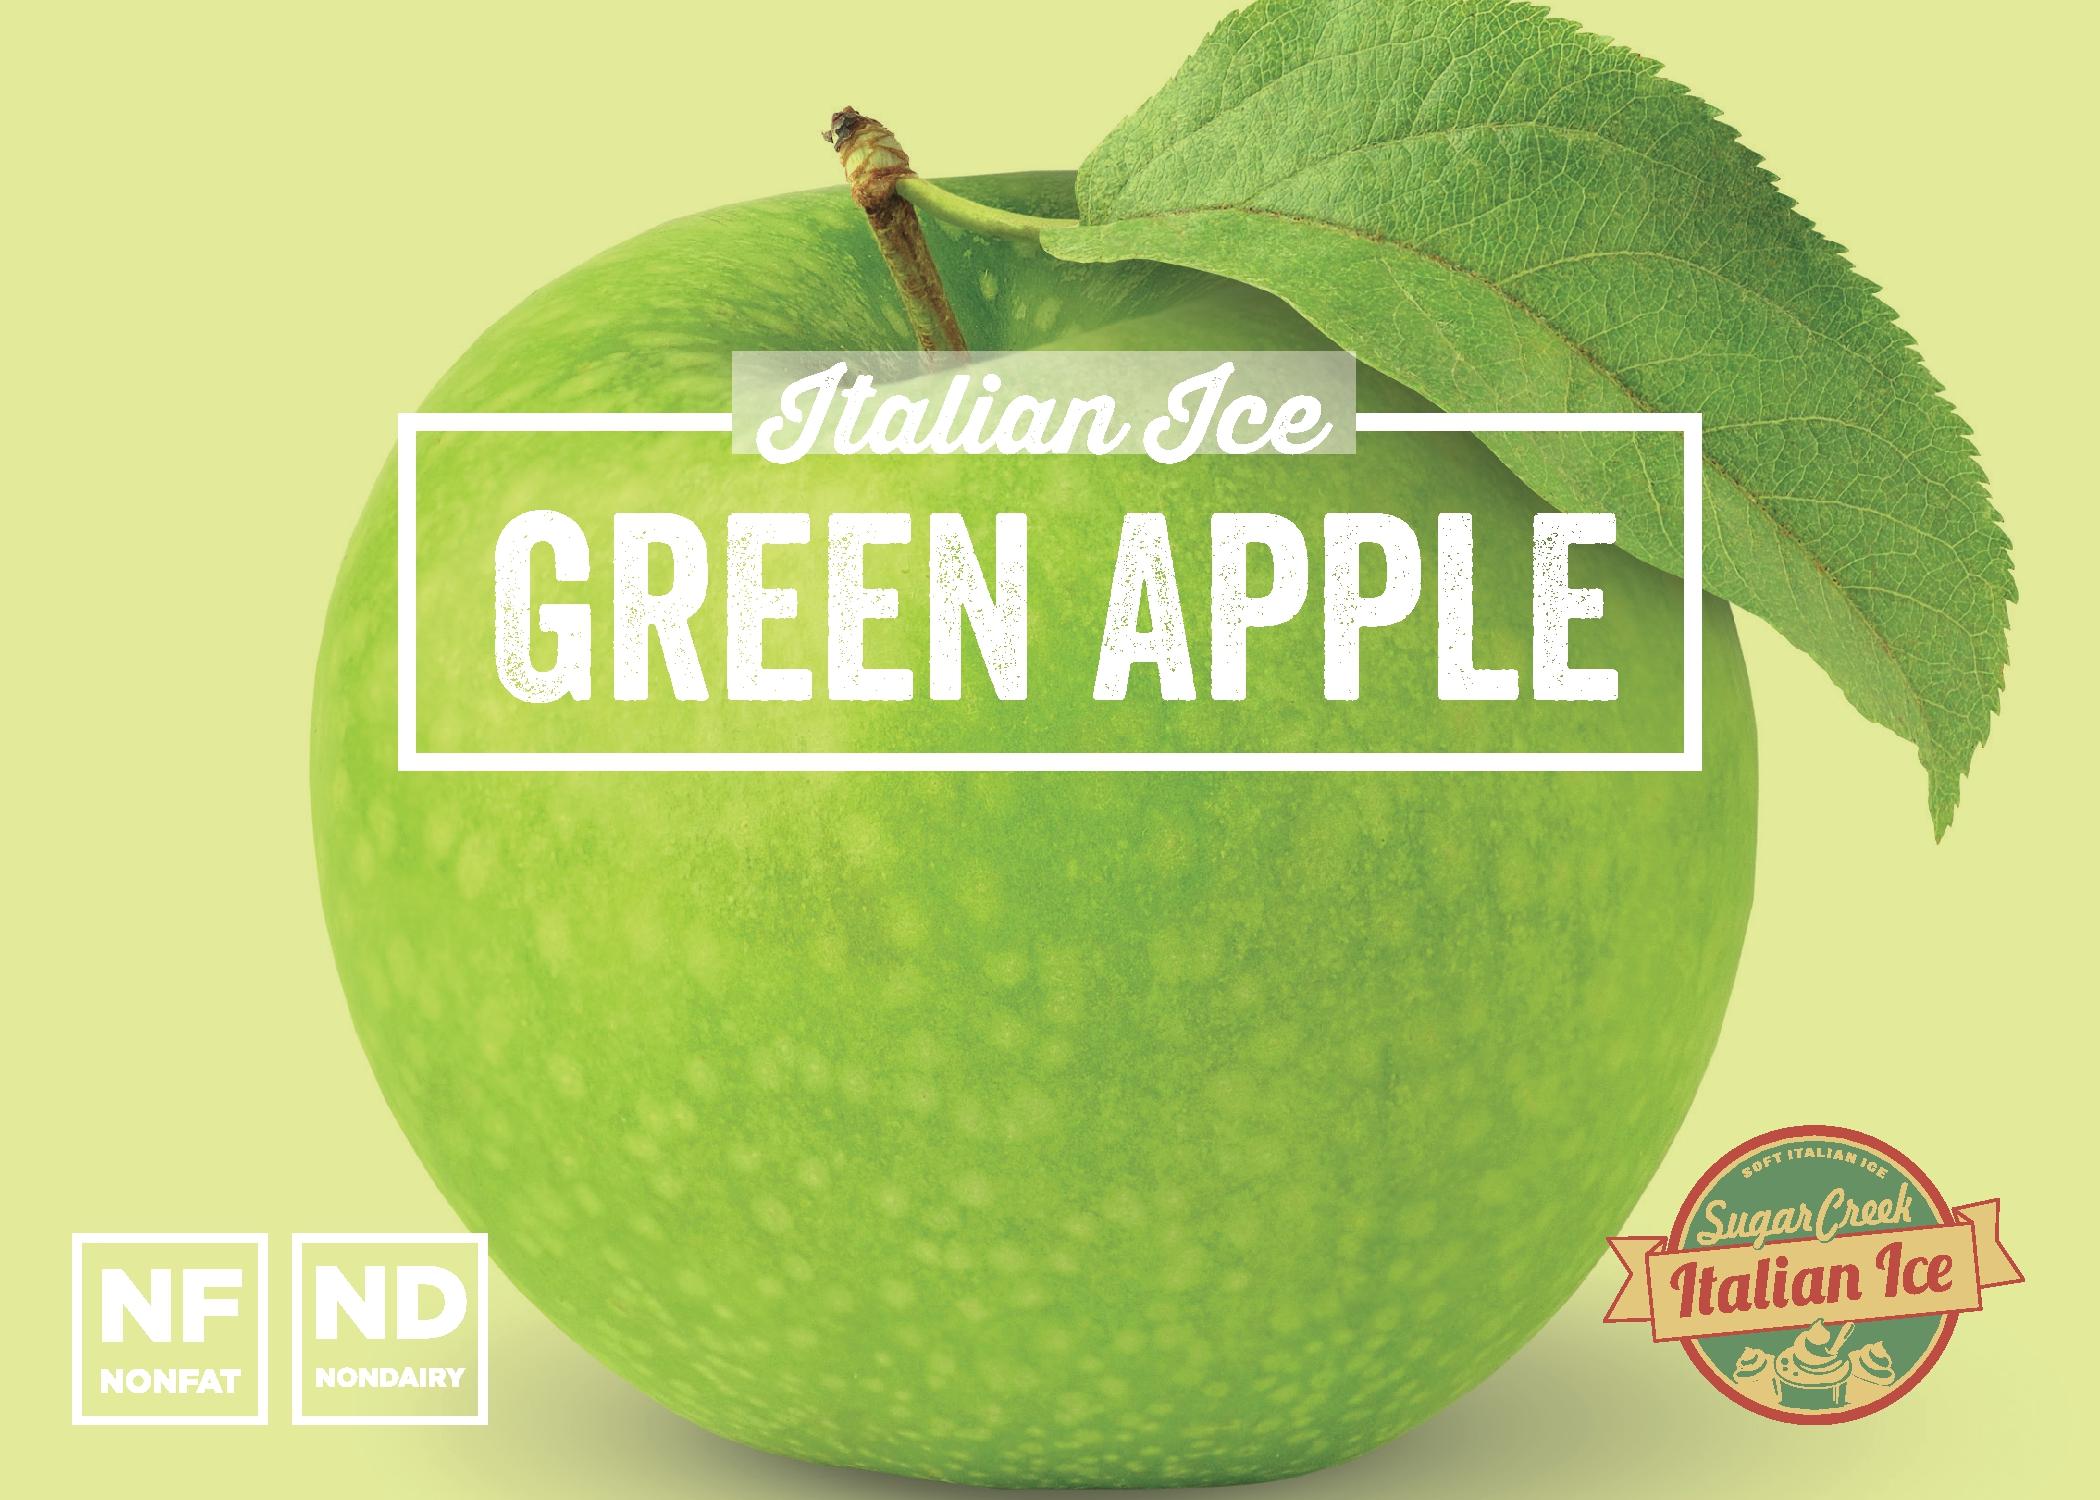 Green Apple Italian Ice